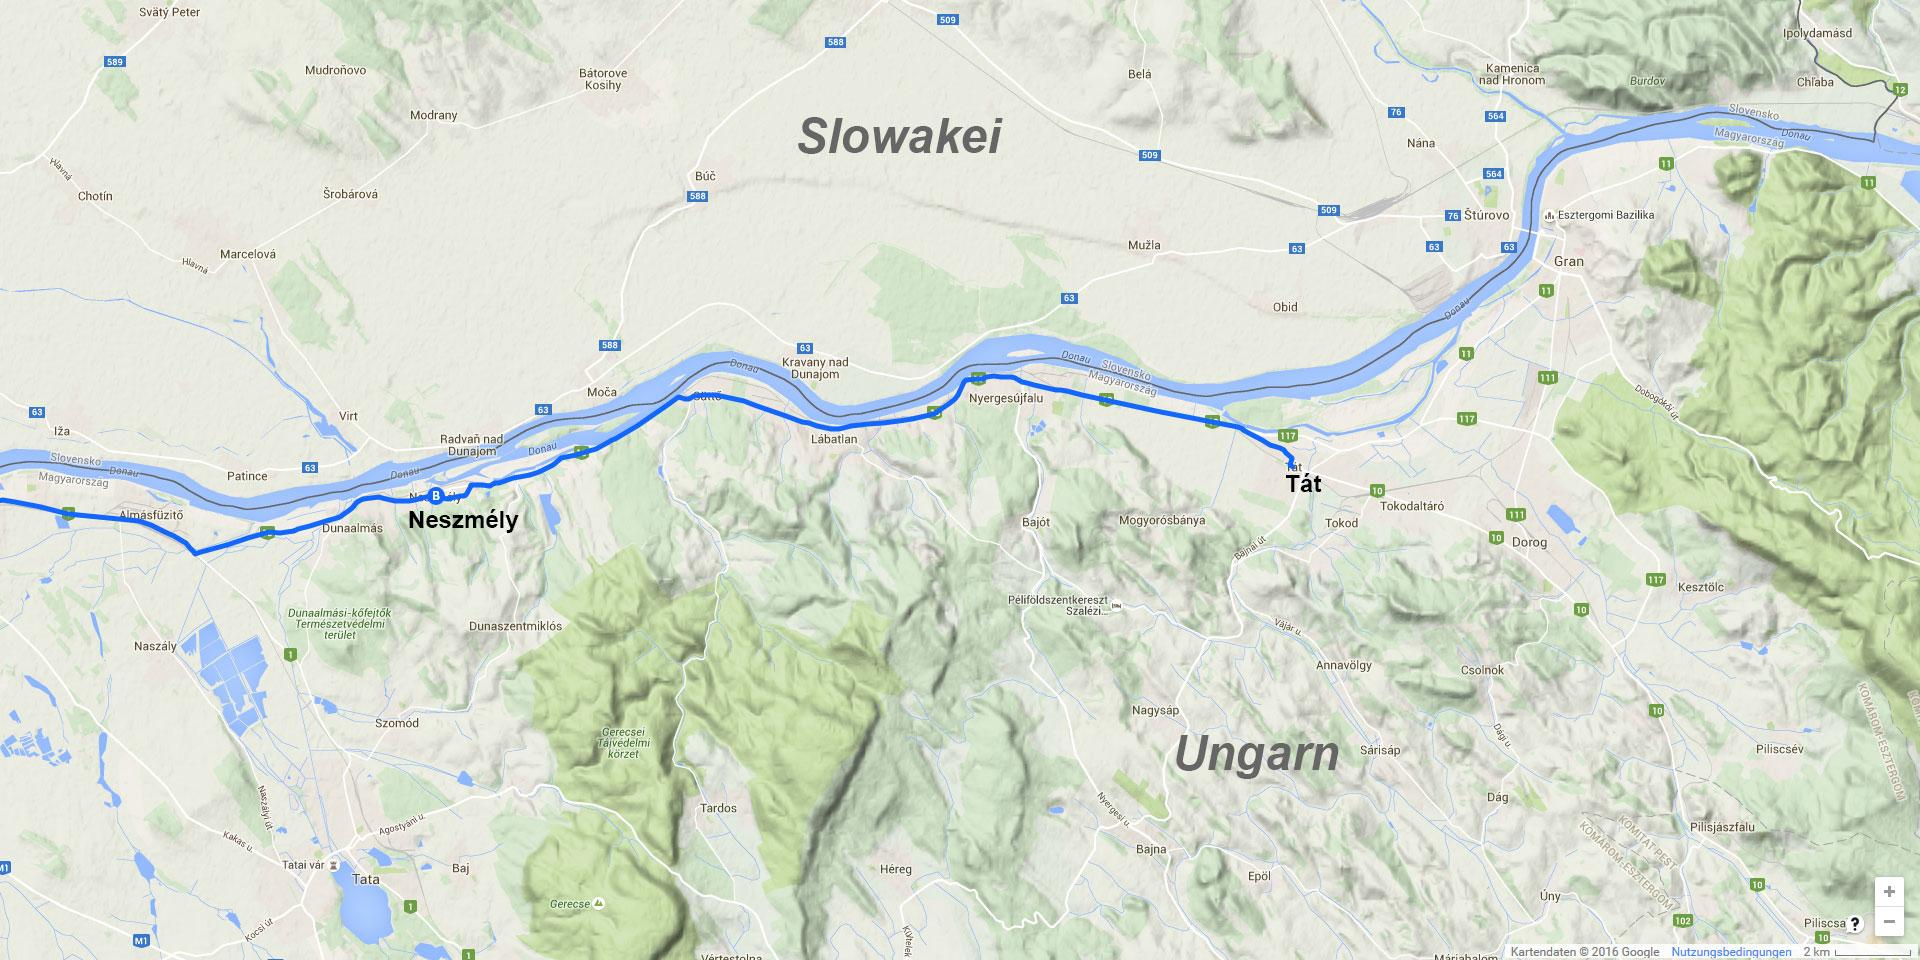 Die Tagesstrecke von Neszmély nach Tát (20 km)